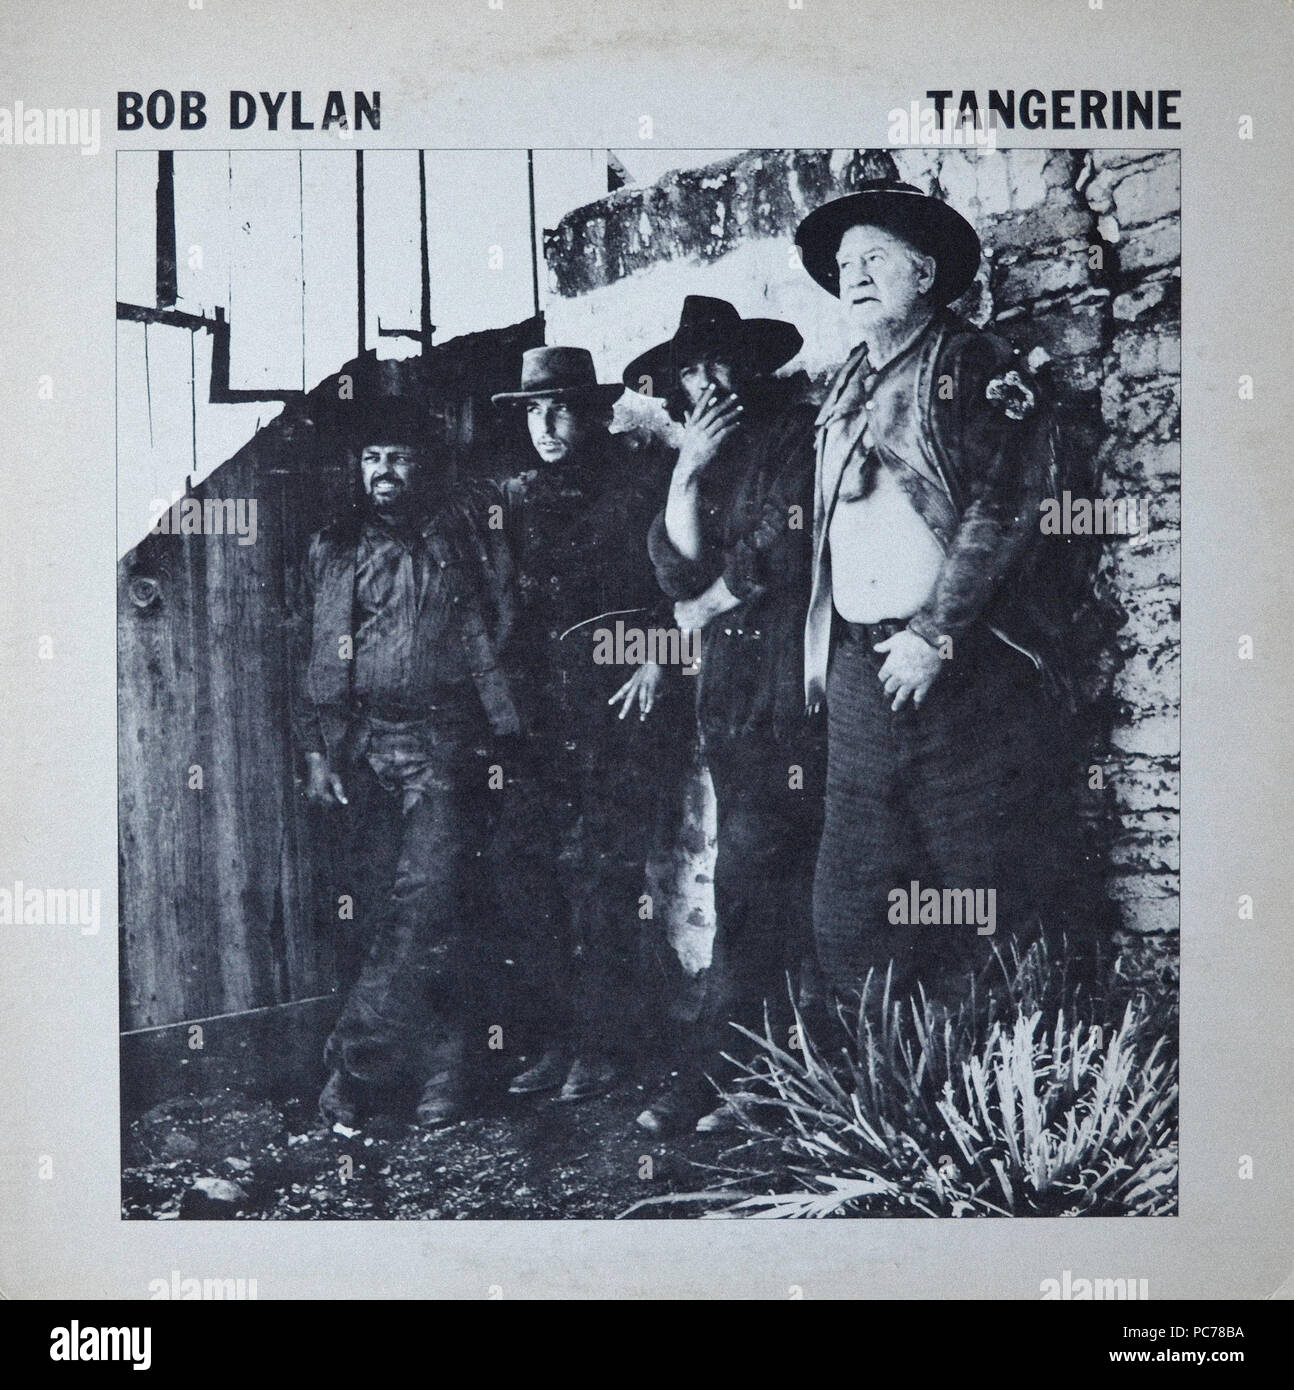 Bob Dylan Album Cover Stock Photos Amp Bob Dylan Album Cover